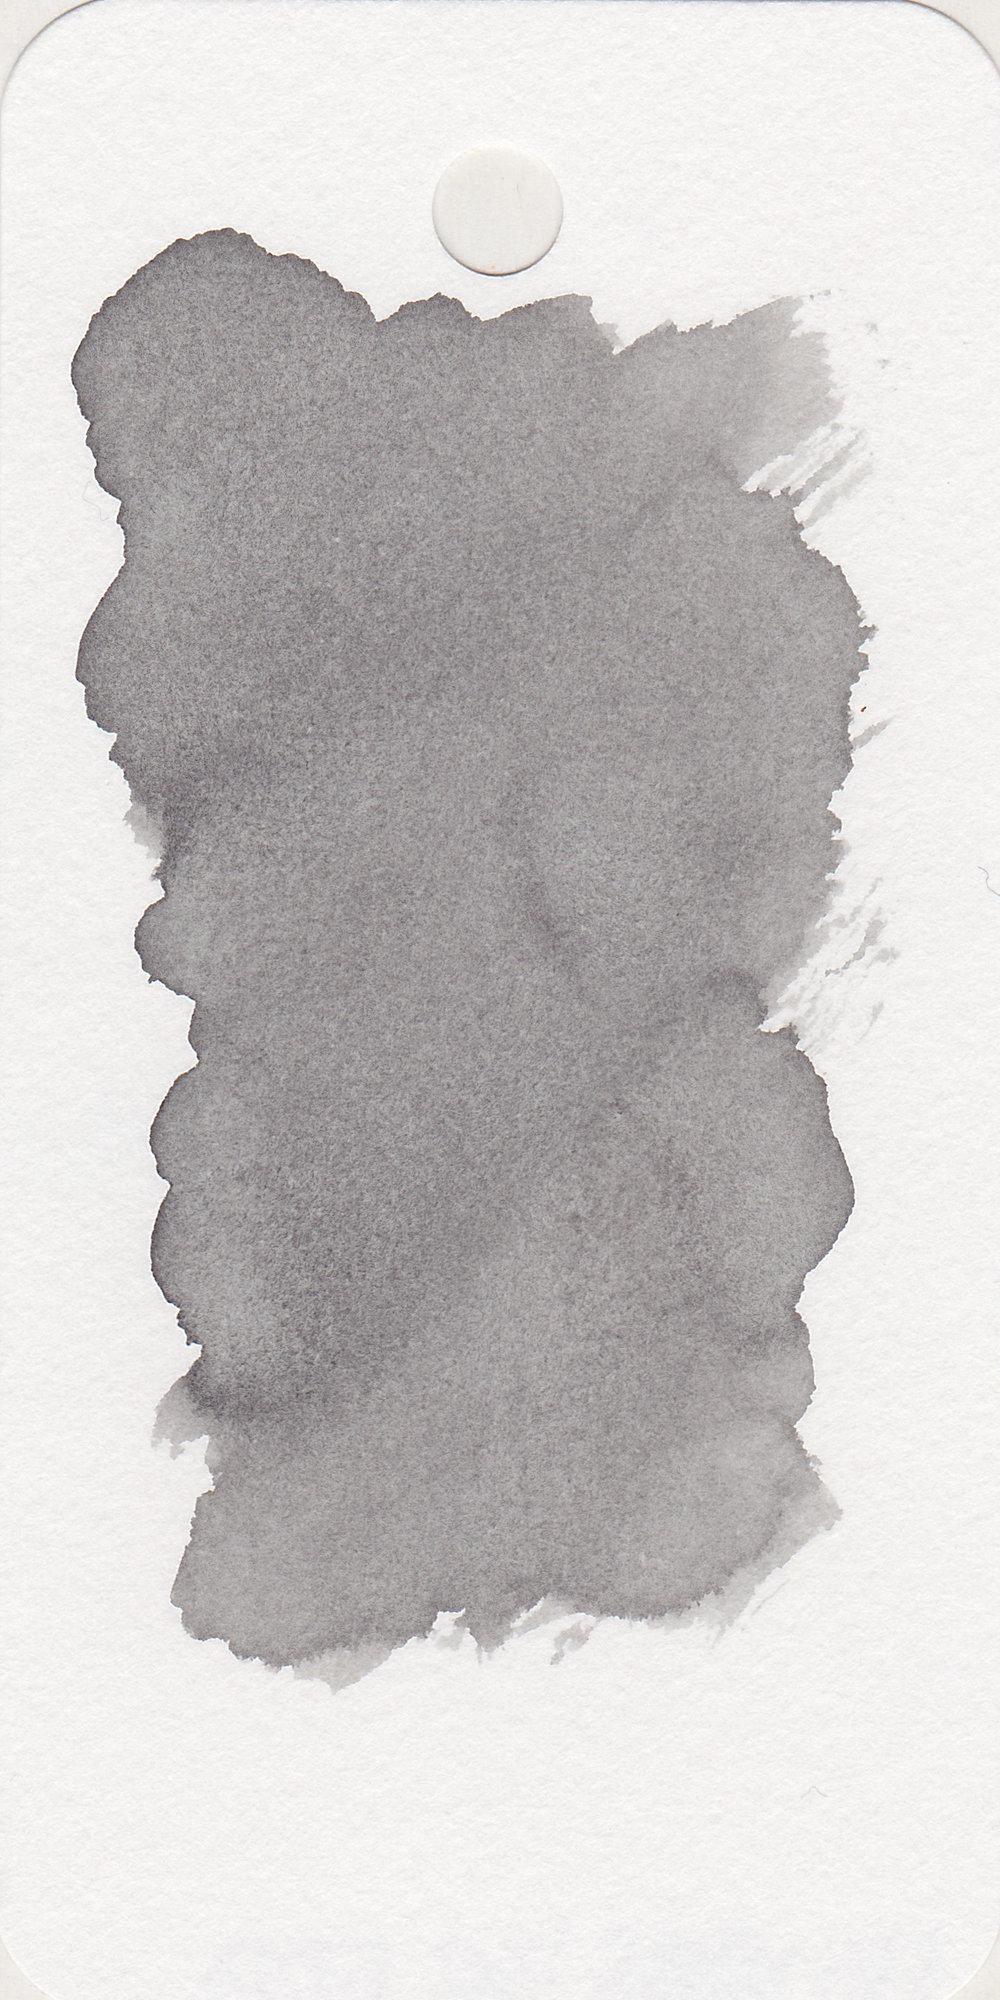 mb-oyster-grey-3.jpg